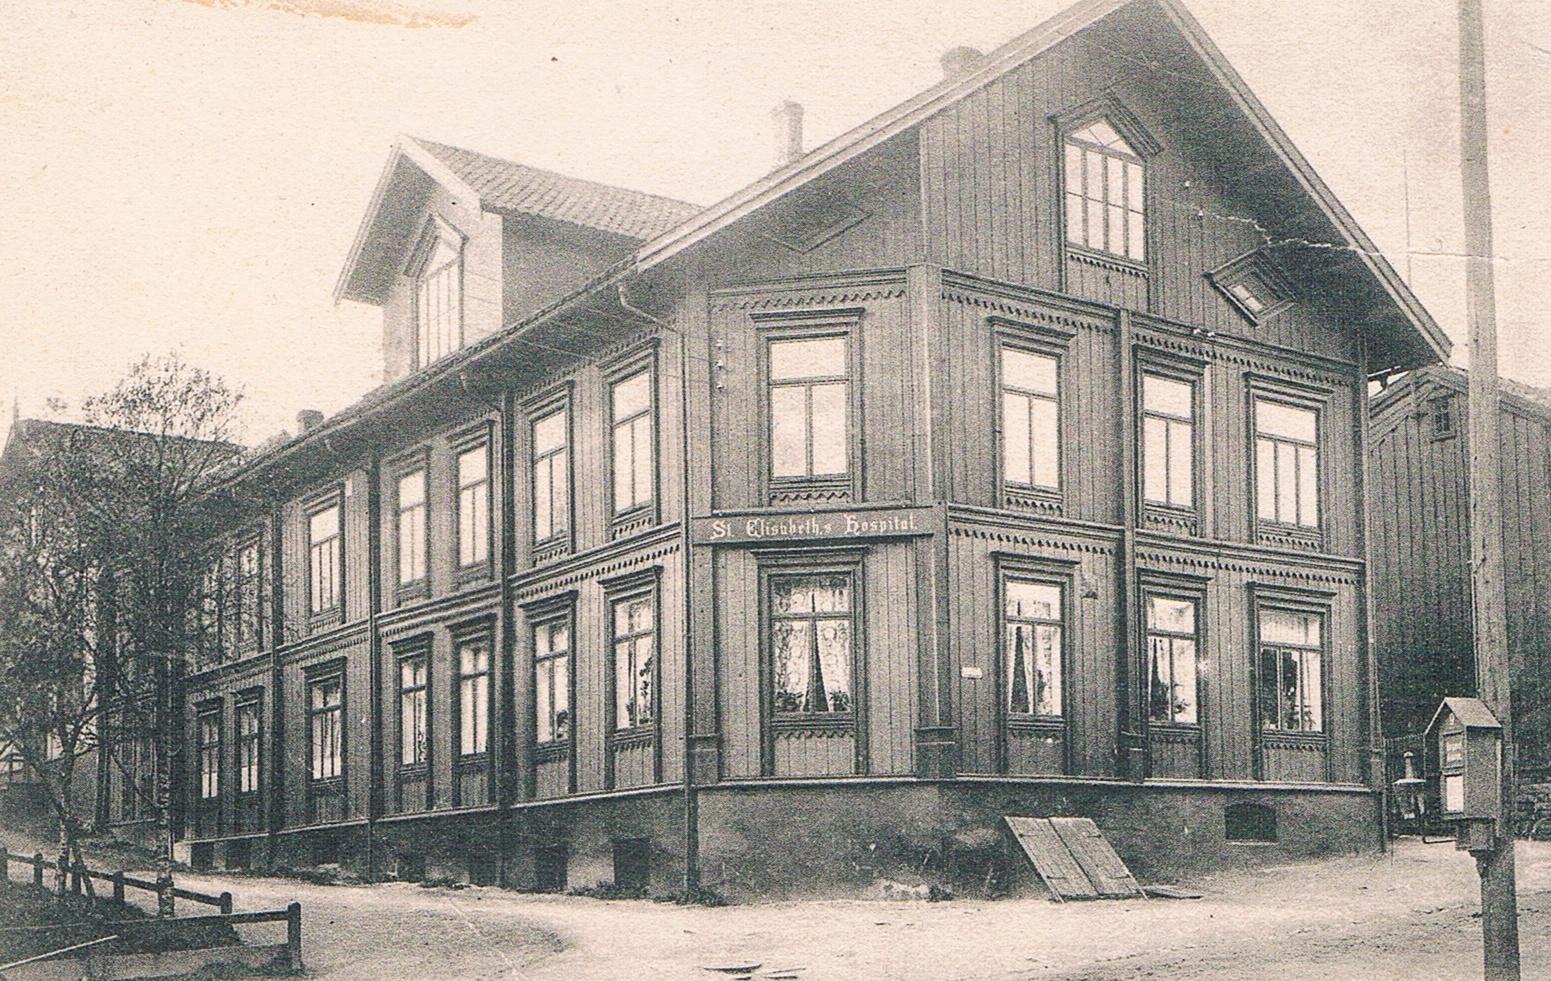 StElisabeth-Hospital-i-Storgaten-112-Tromso-1908-1924